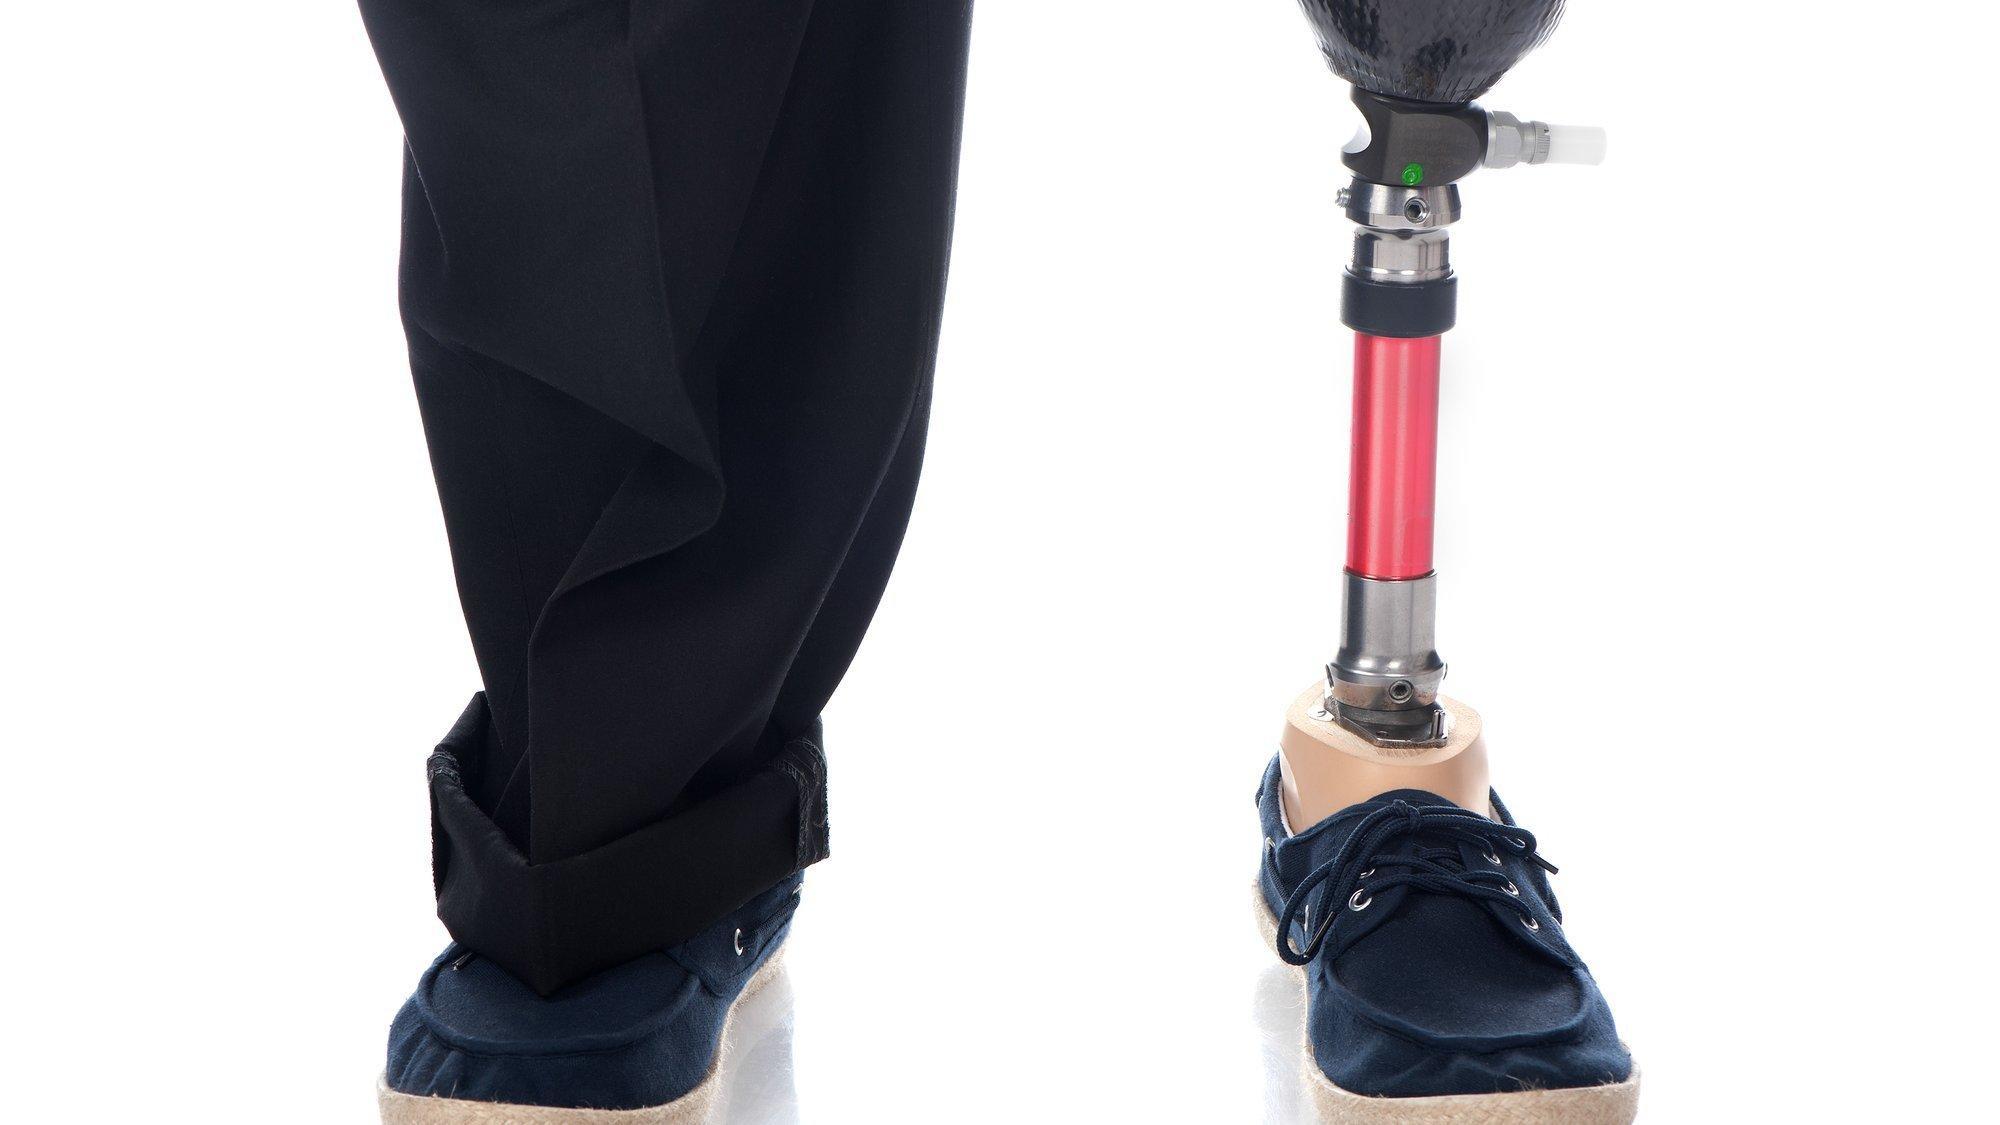 Zwei Beine eines erwachsenen Mannes, der links eine Unterschenkelprothese hat und rechts sein gesundes Bein. Beide Füße stecken im Schuhen.